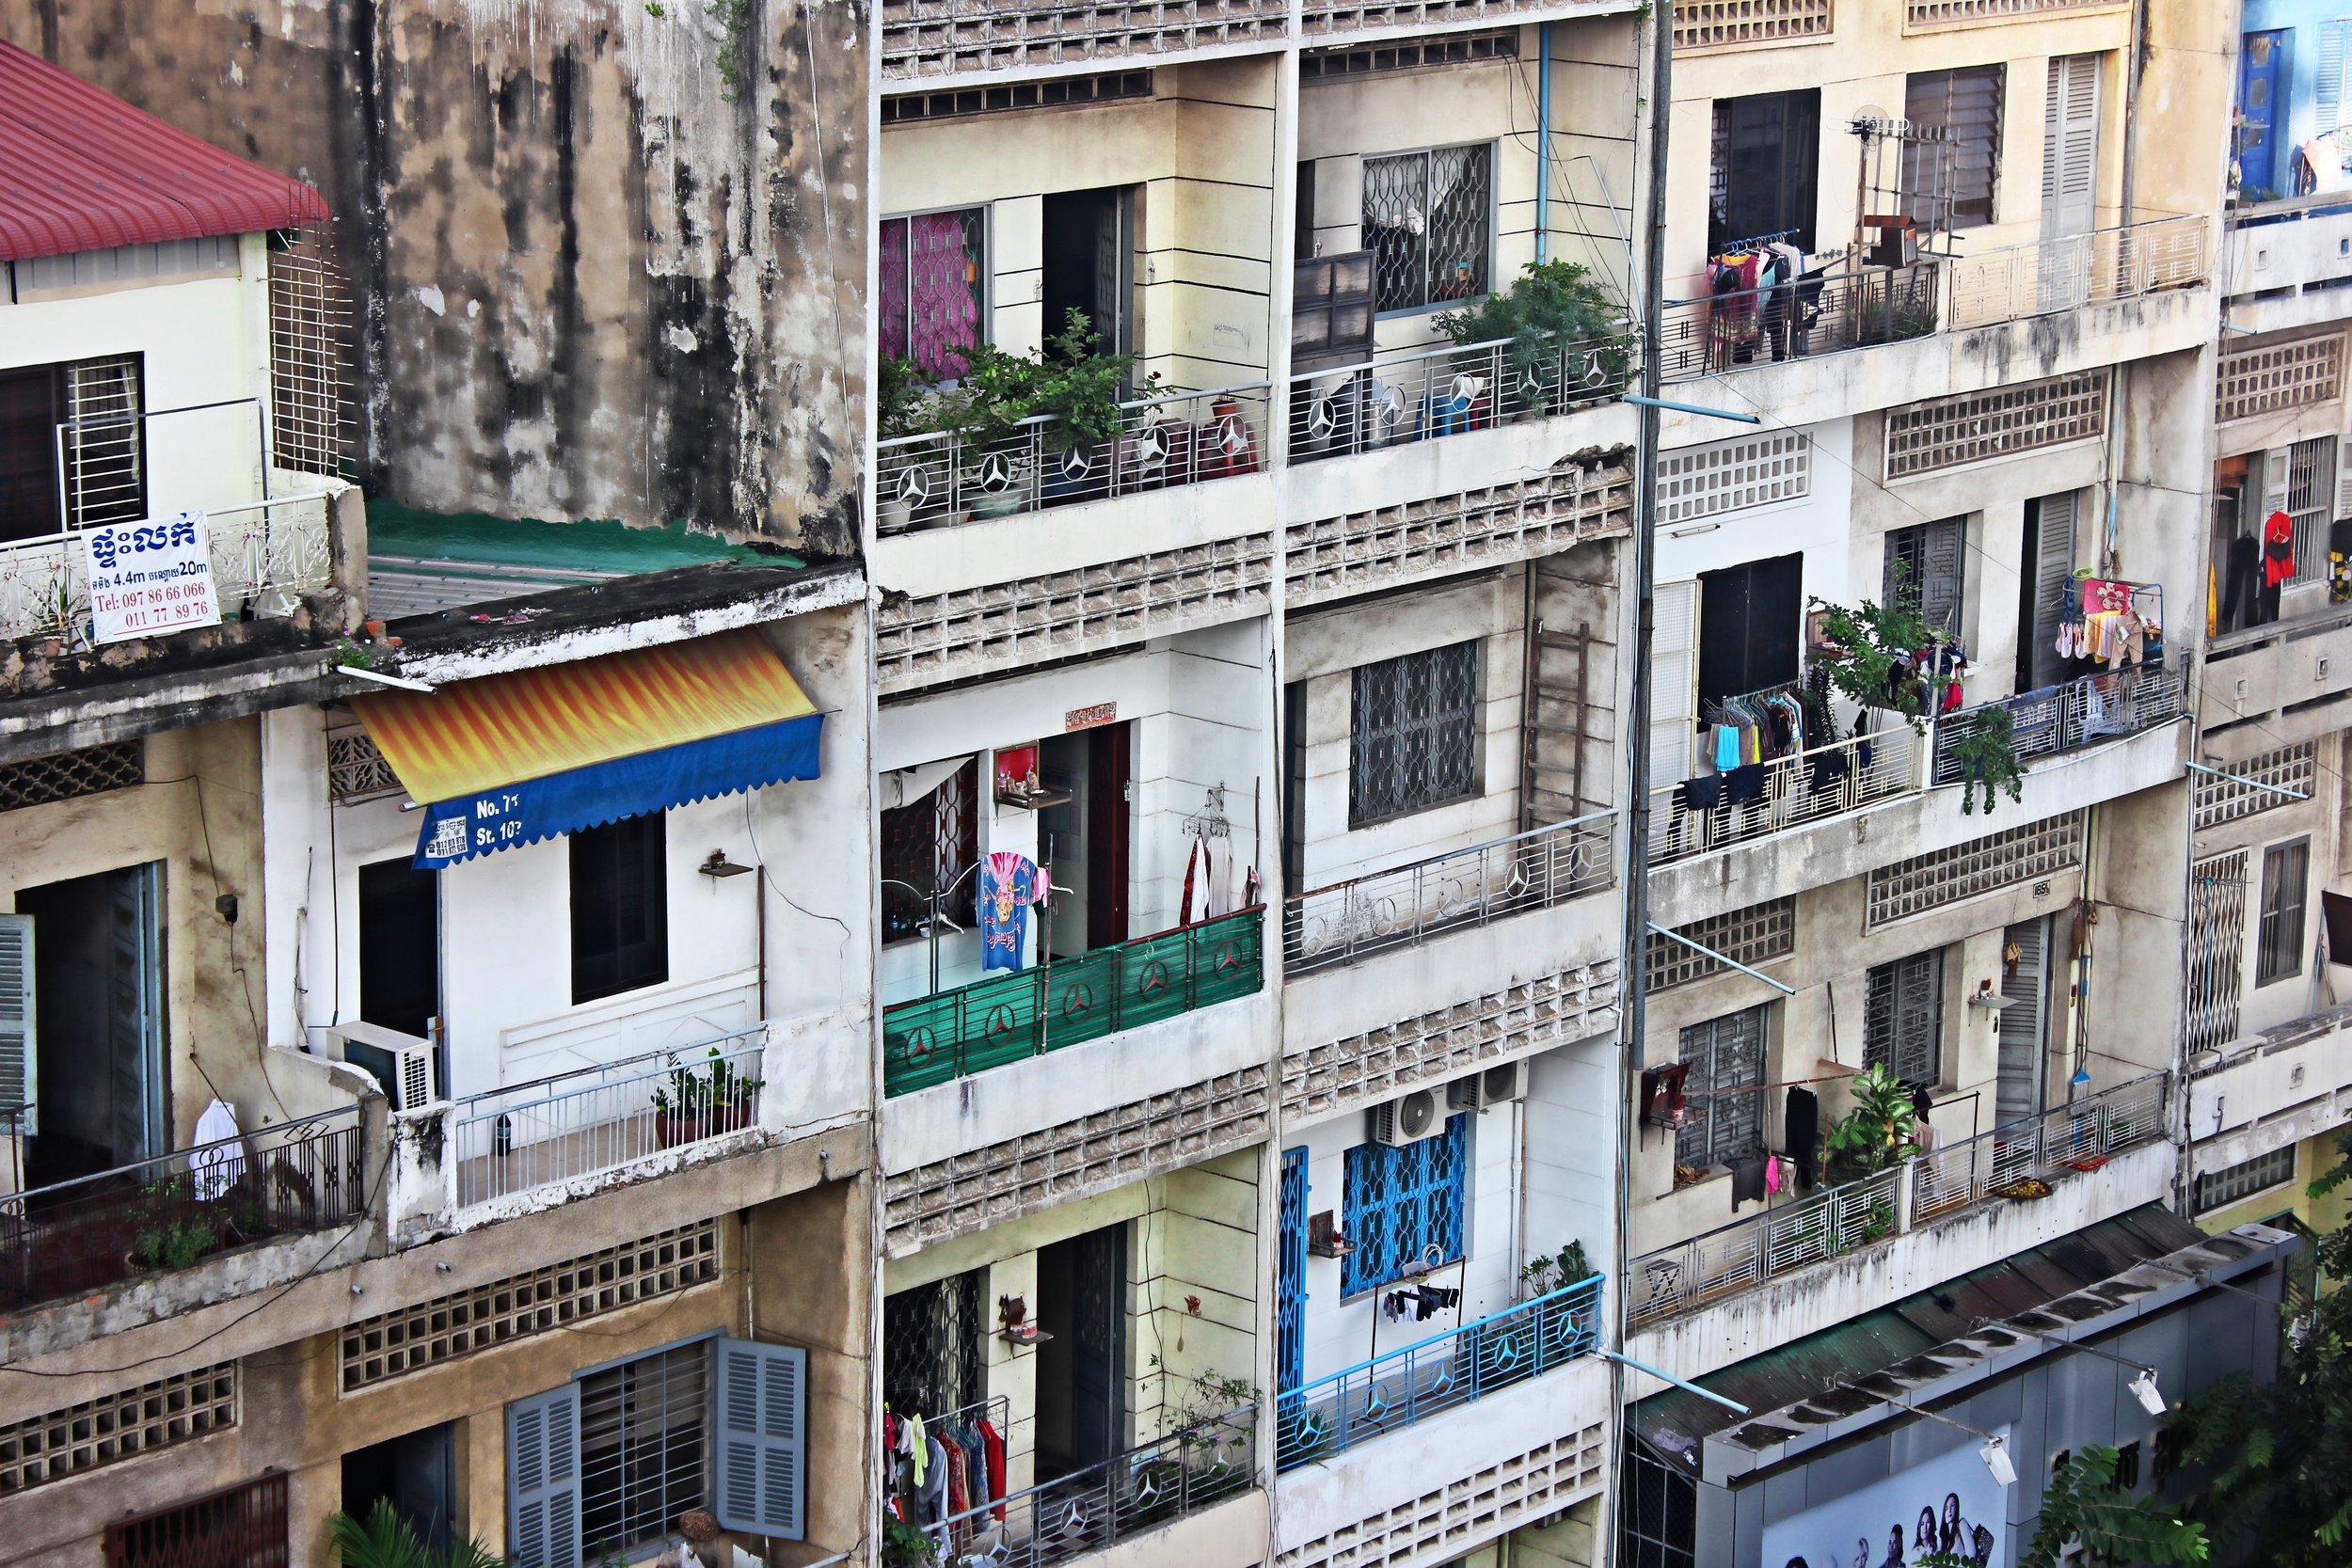 Apartments in Phnom Penh, Cambodia